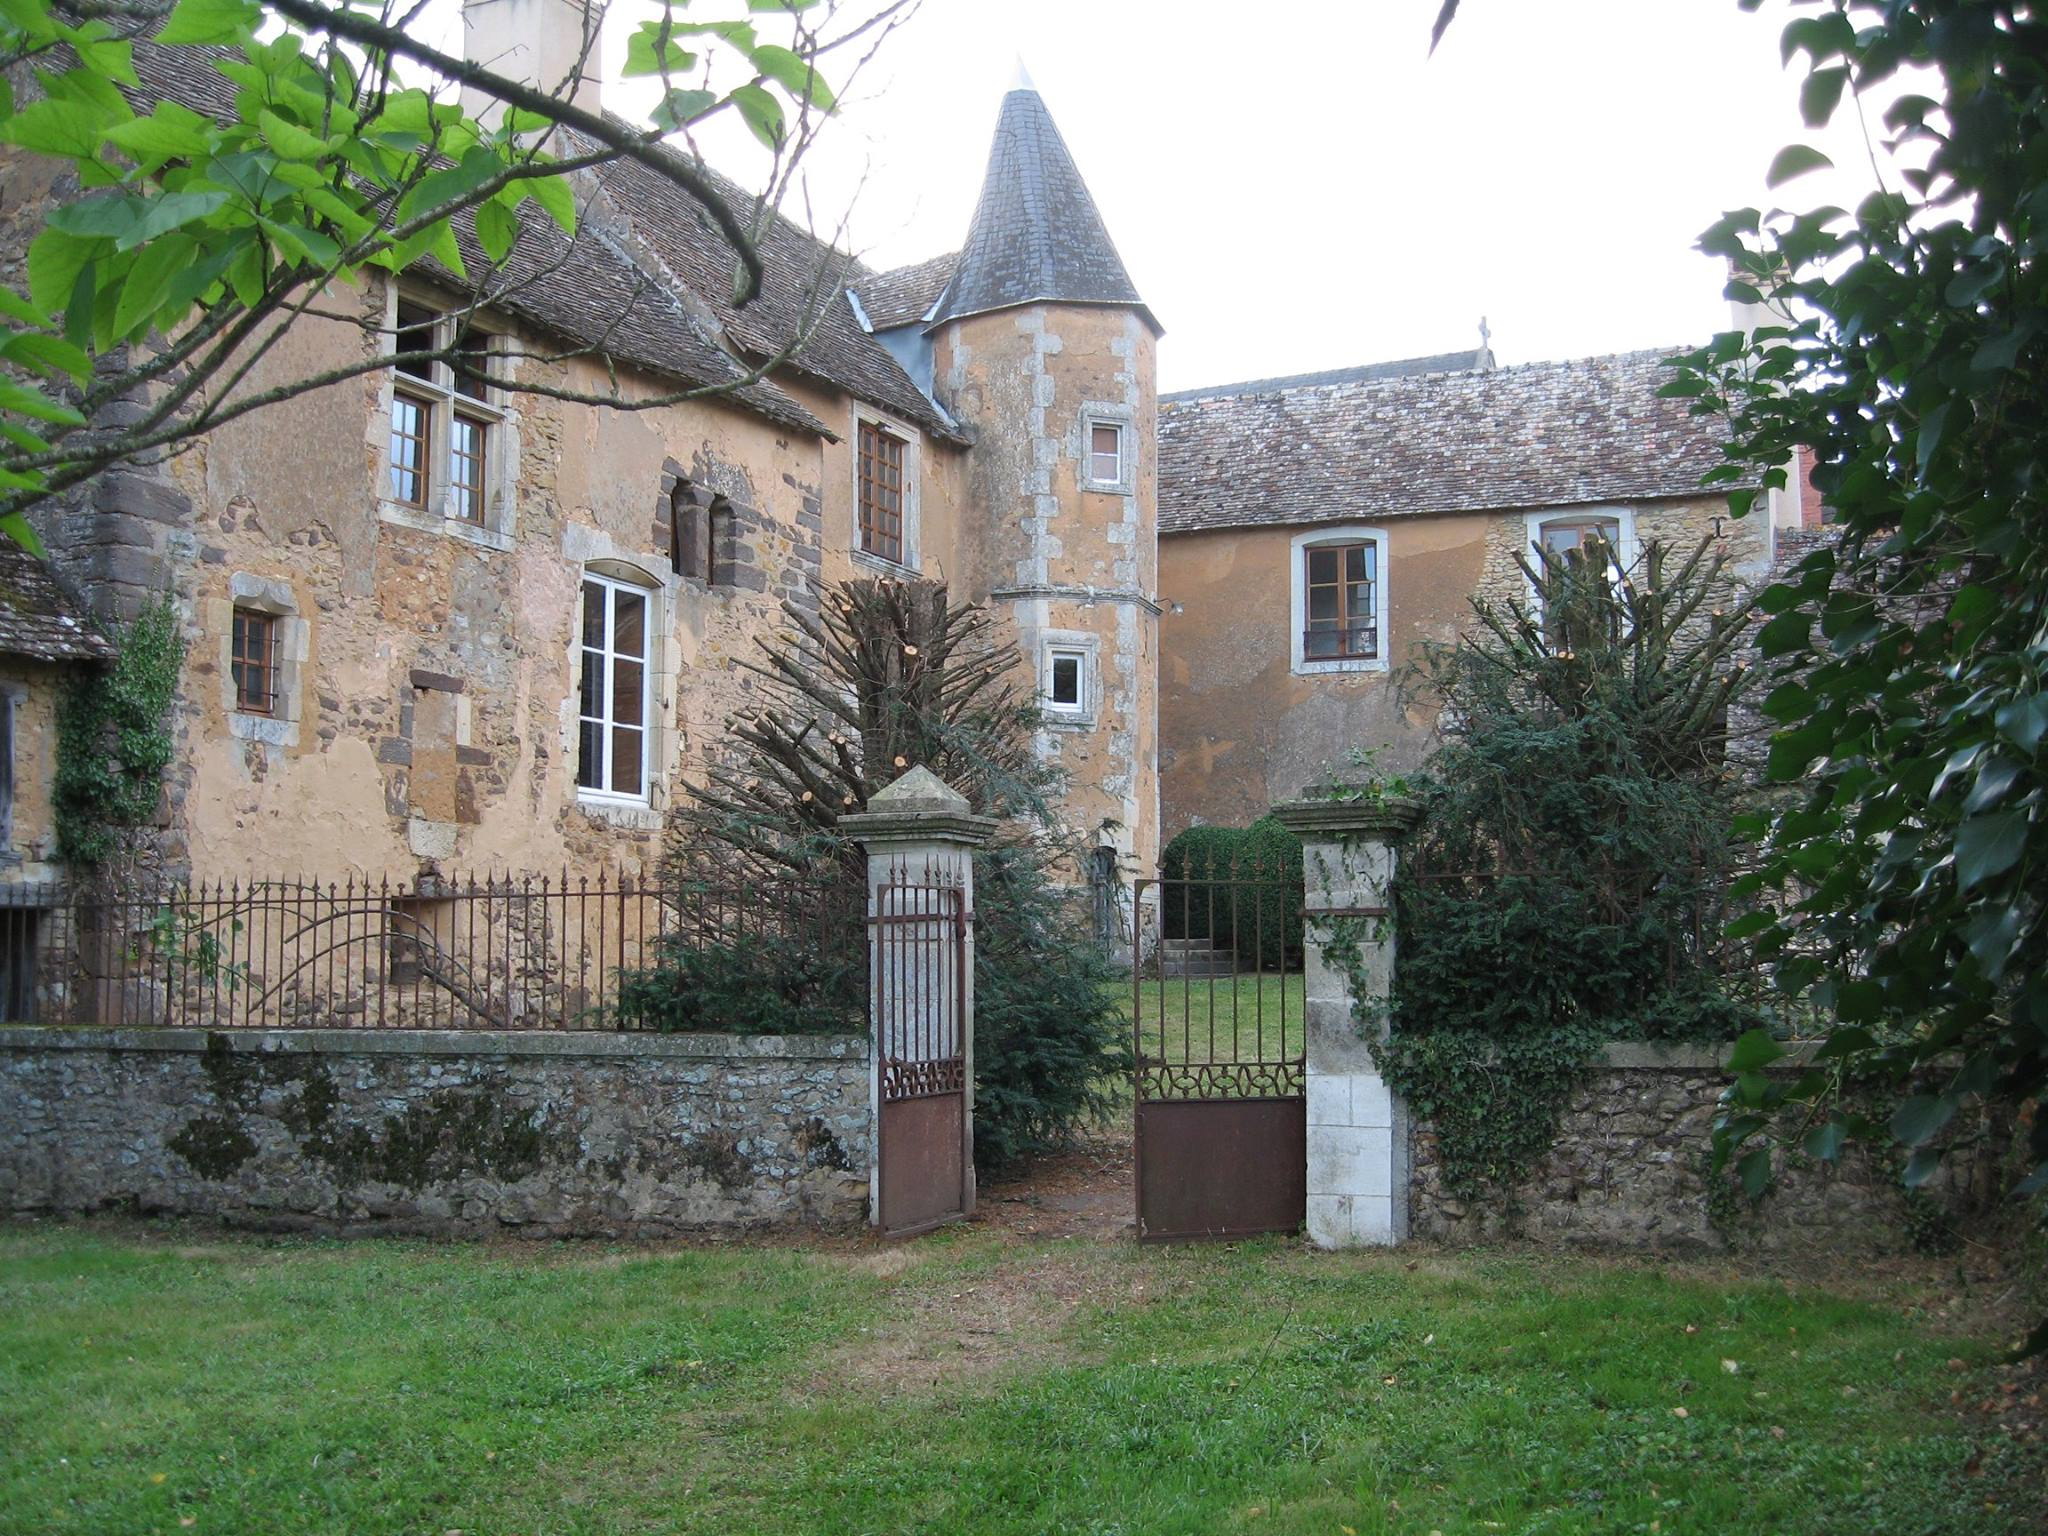 Souligné Flacé - Souligné sous Vallon jusqu'en 1935 - Presbytère - Maison du XVème siècle, remaniée au XVIIème siècle (Cécile Nève de Mévergnies)